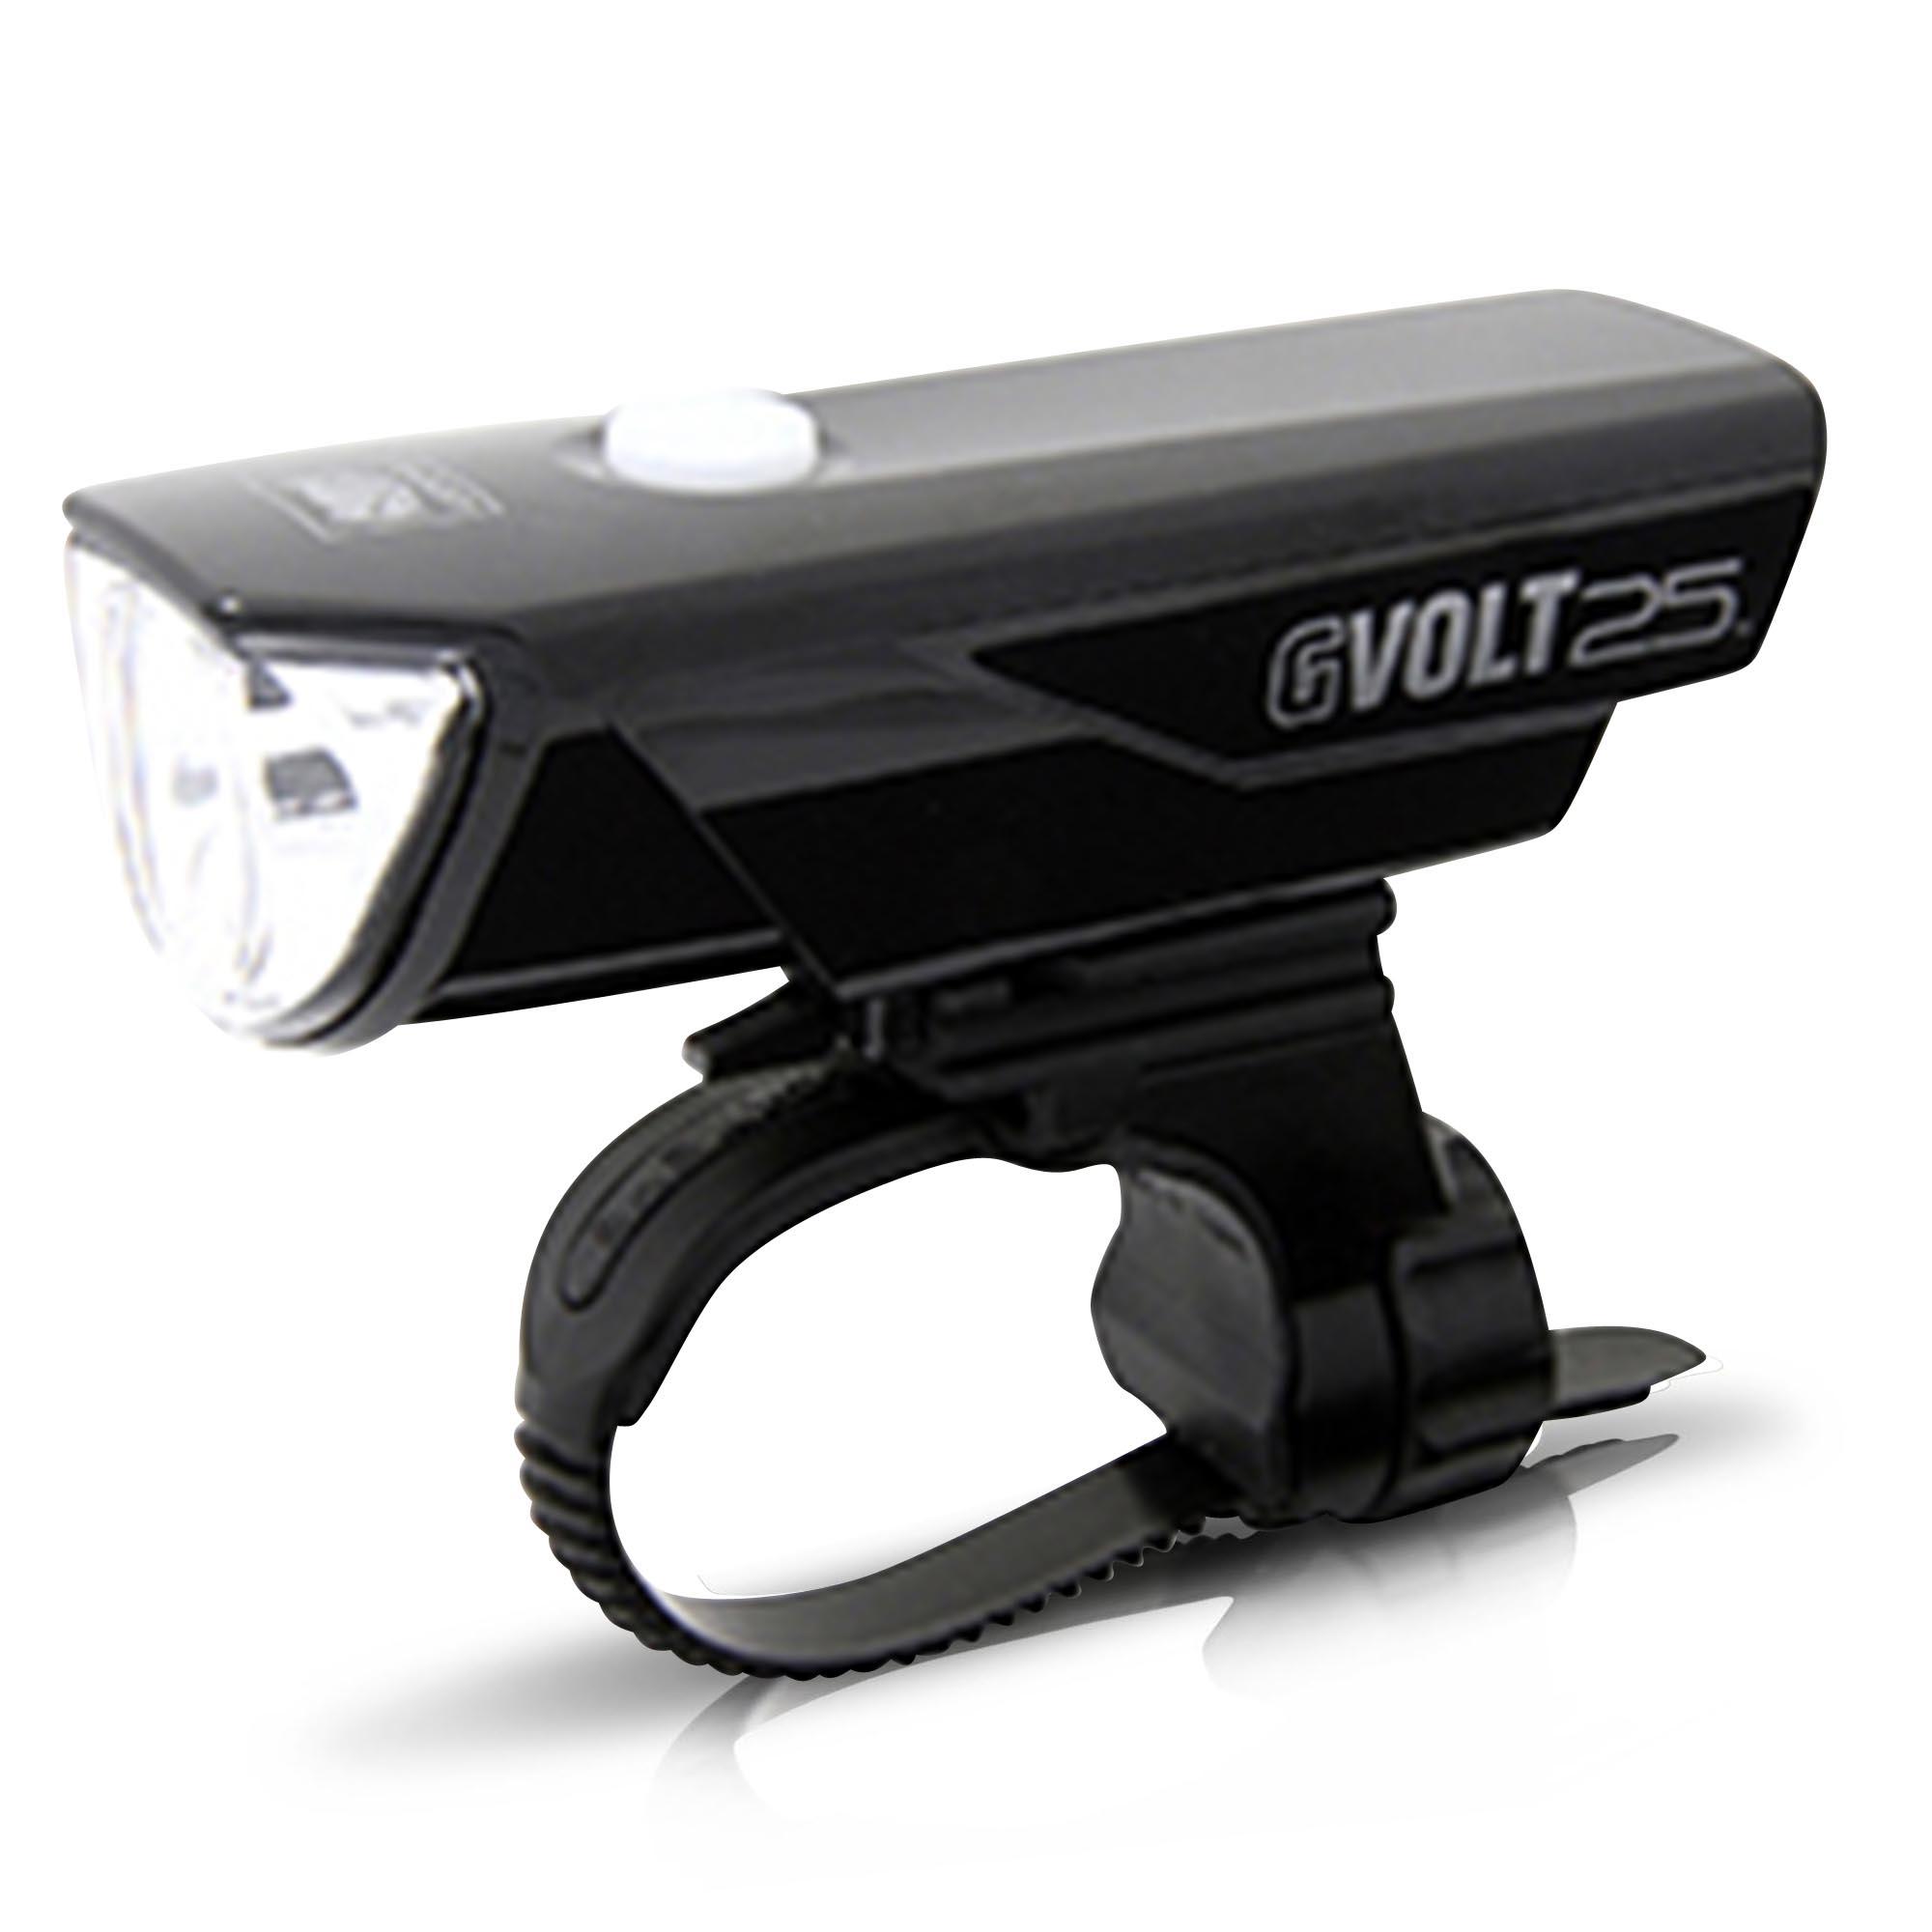 CatEye Co., LTD Cateye GVOLT25 HL-EL360GRC LED-Fahrrad-Frontlicht FA003521046